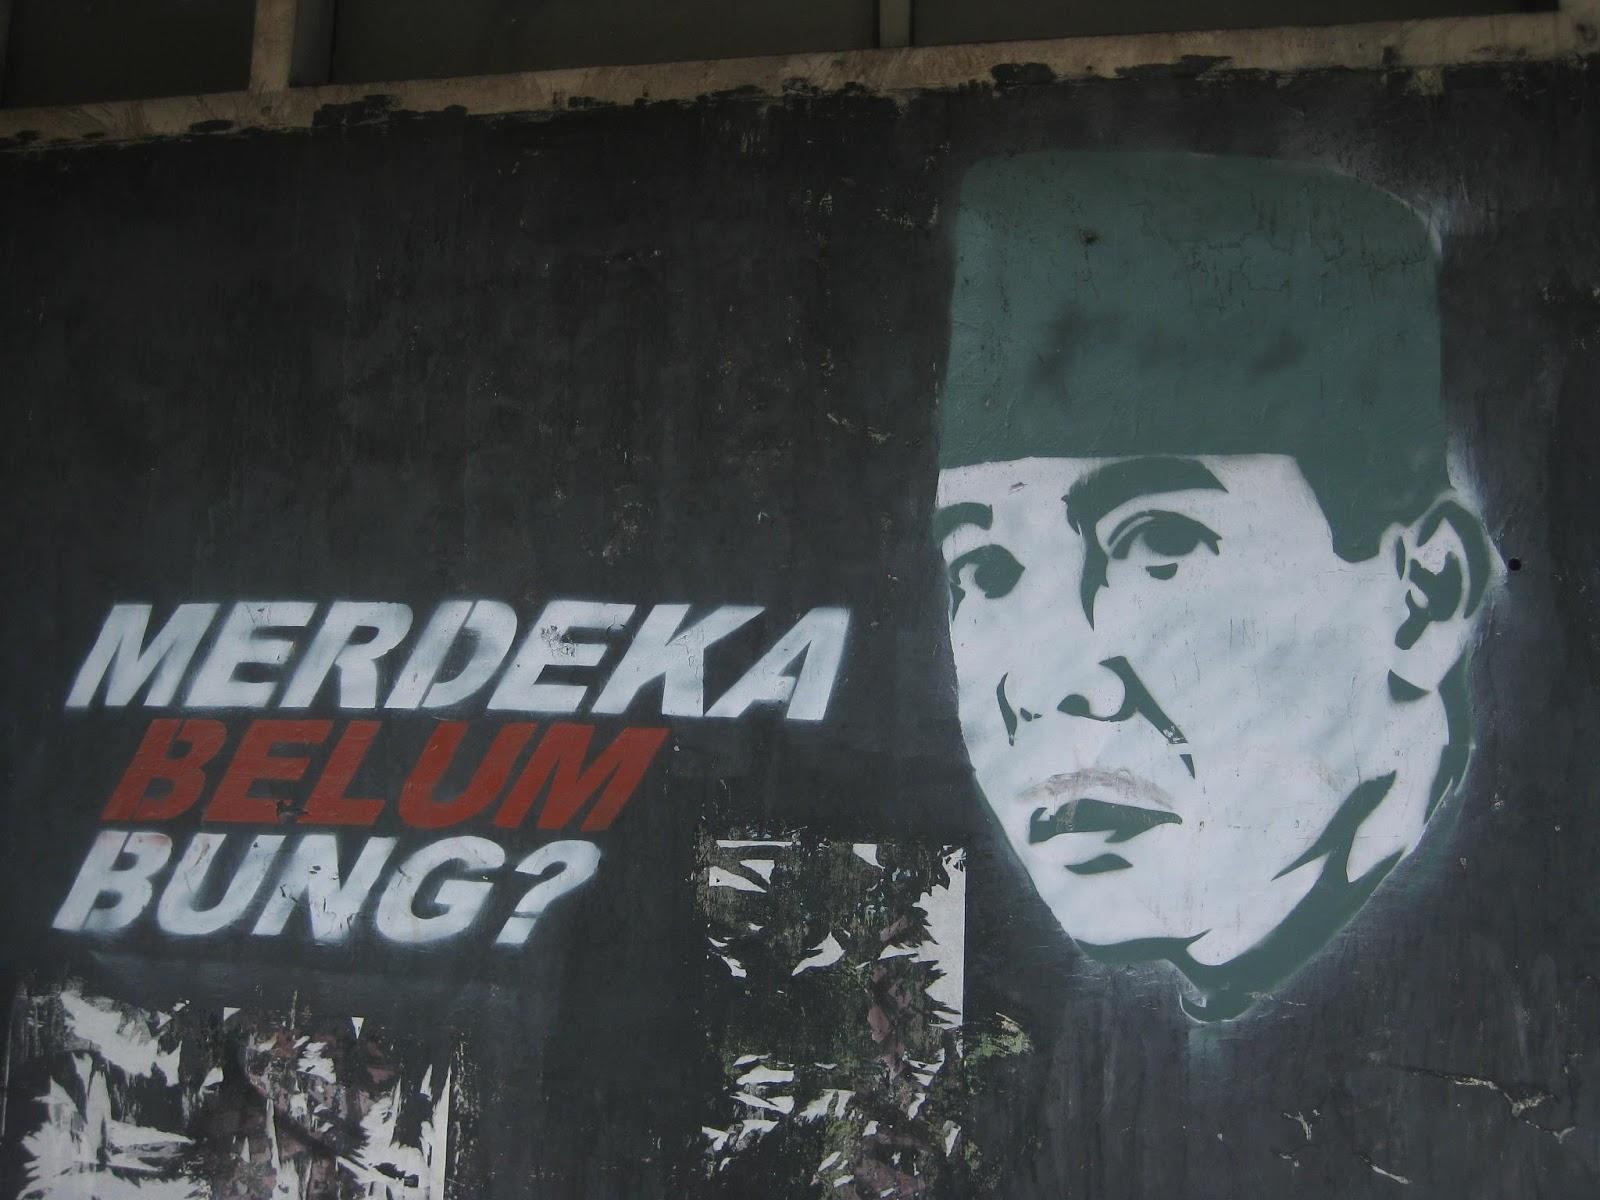 Indonesia Harus Sebenar-benarnya Merdeka